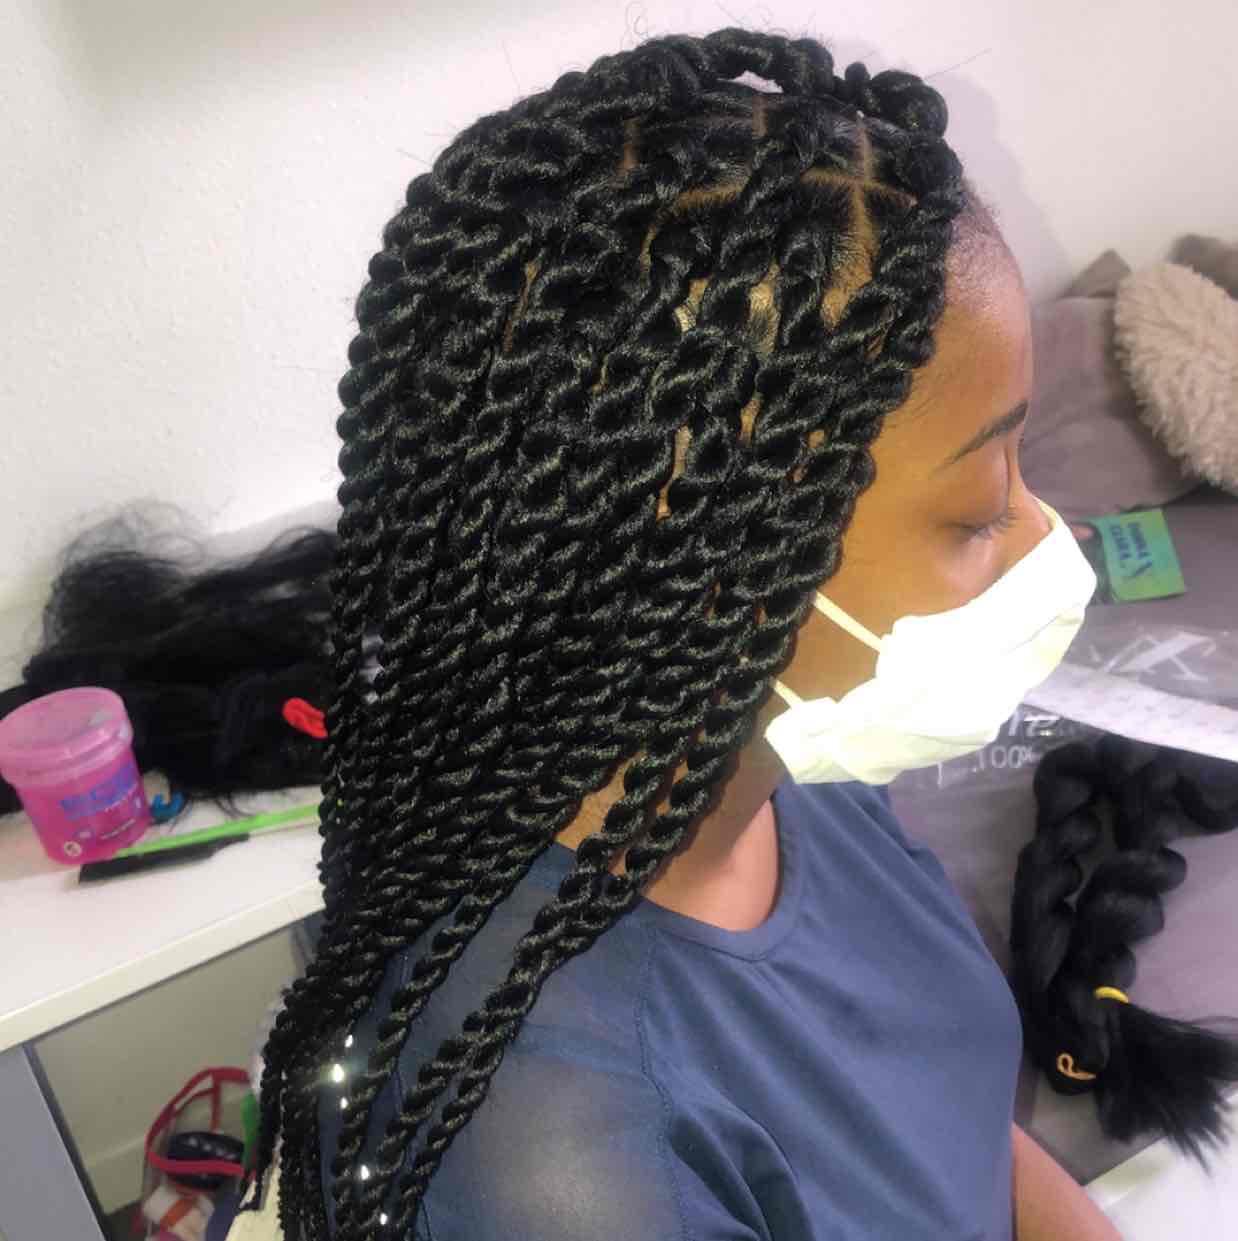 salon de coiffure afro tresse tresses box braids crochet braids vanilles tissages paris 75 77 78 91 92 93 94 95 TWSUTLDS